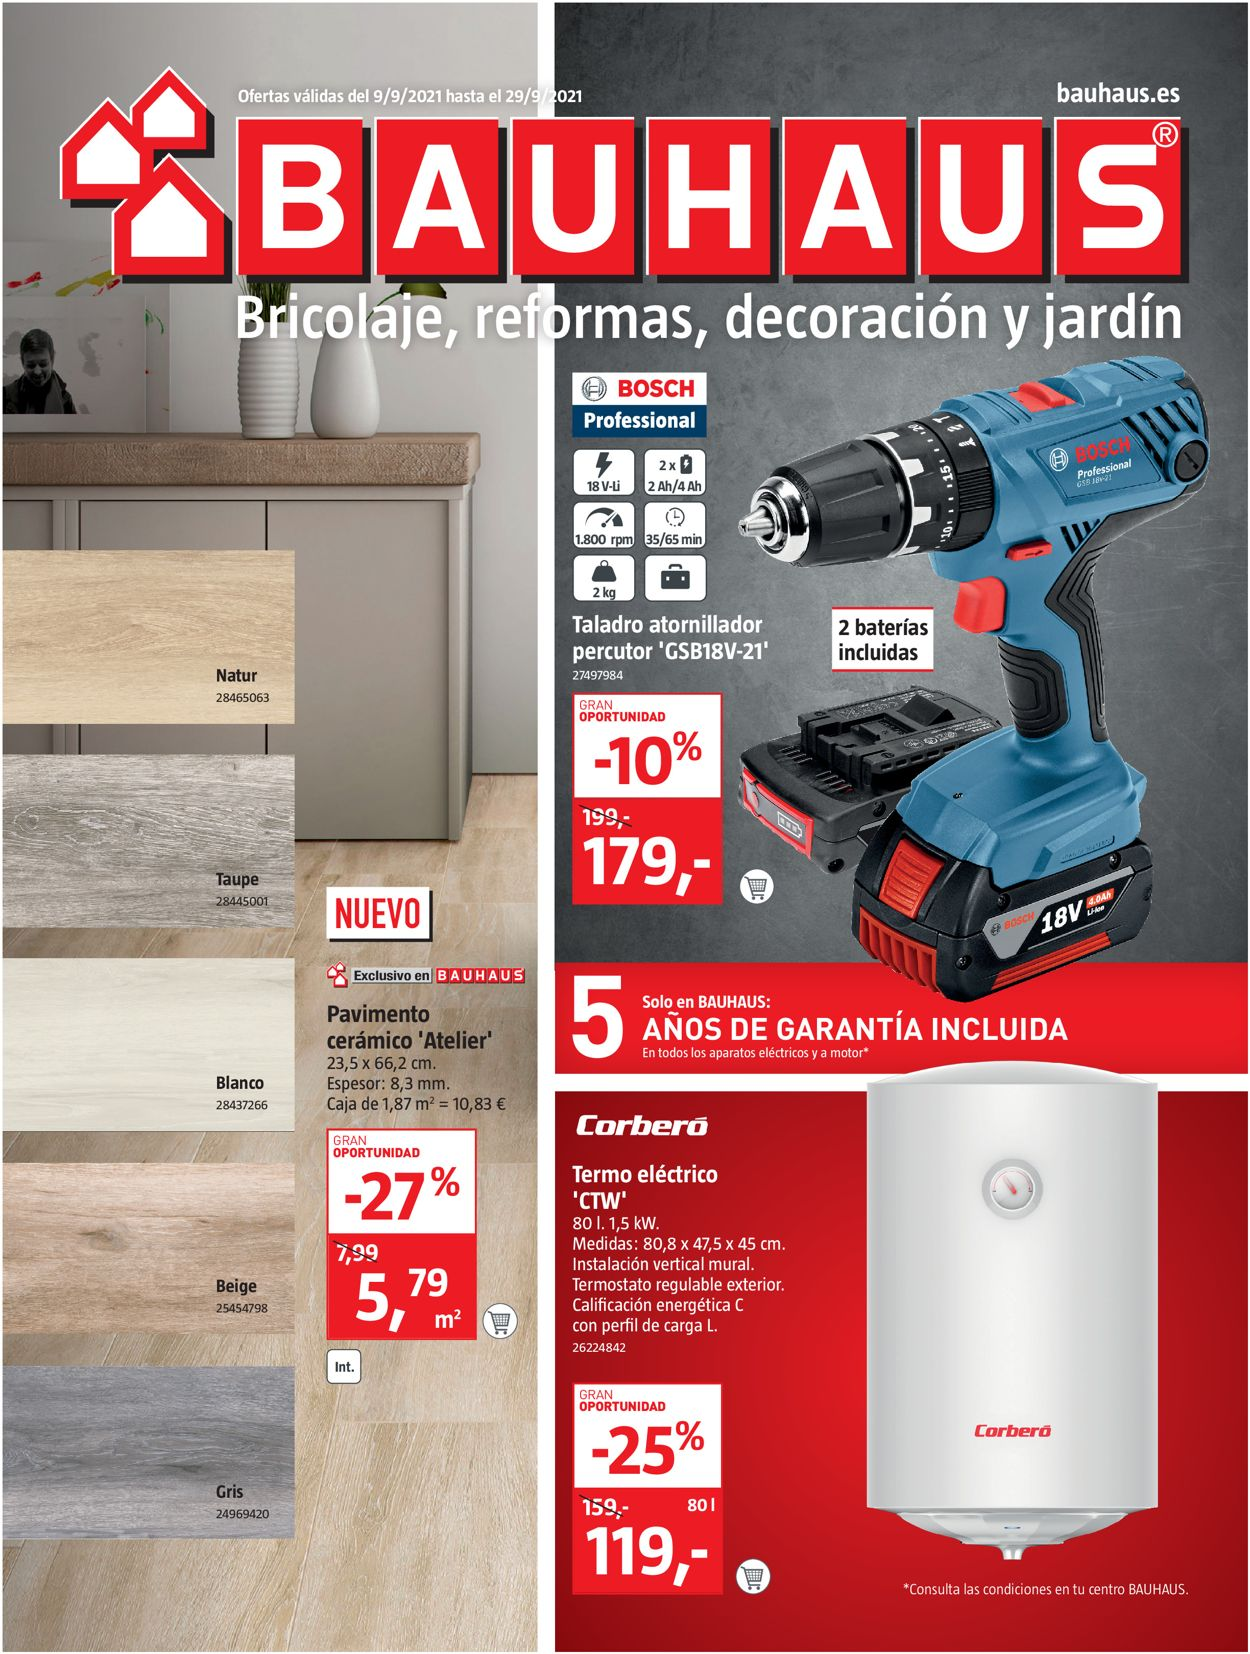 Bauhaus Folleto - 09.09-29.09.2021